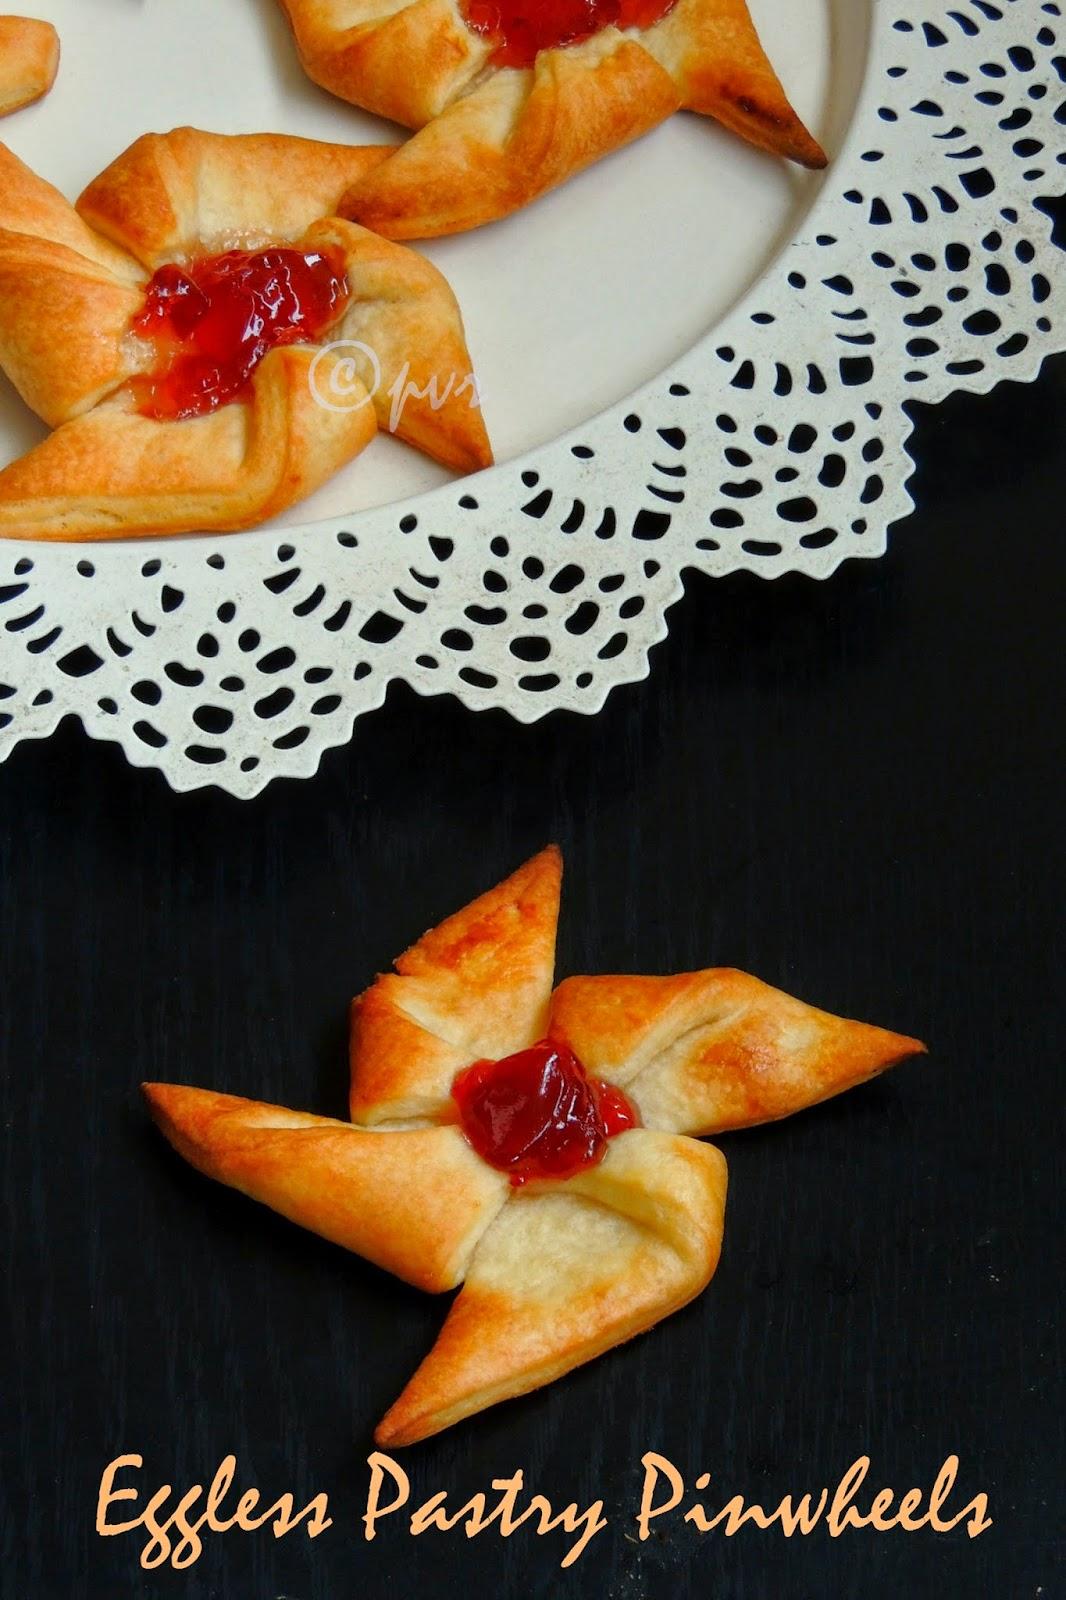 Eggless pinwheels, eggless danish pastry pinwheels,Jam pinwheels